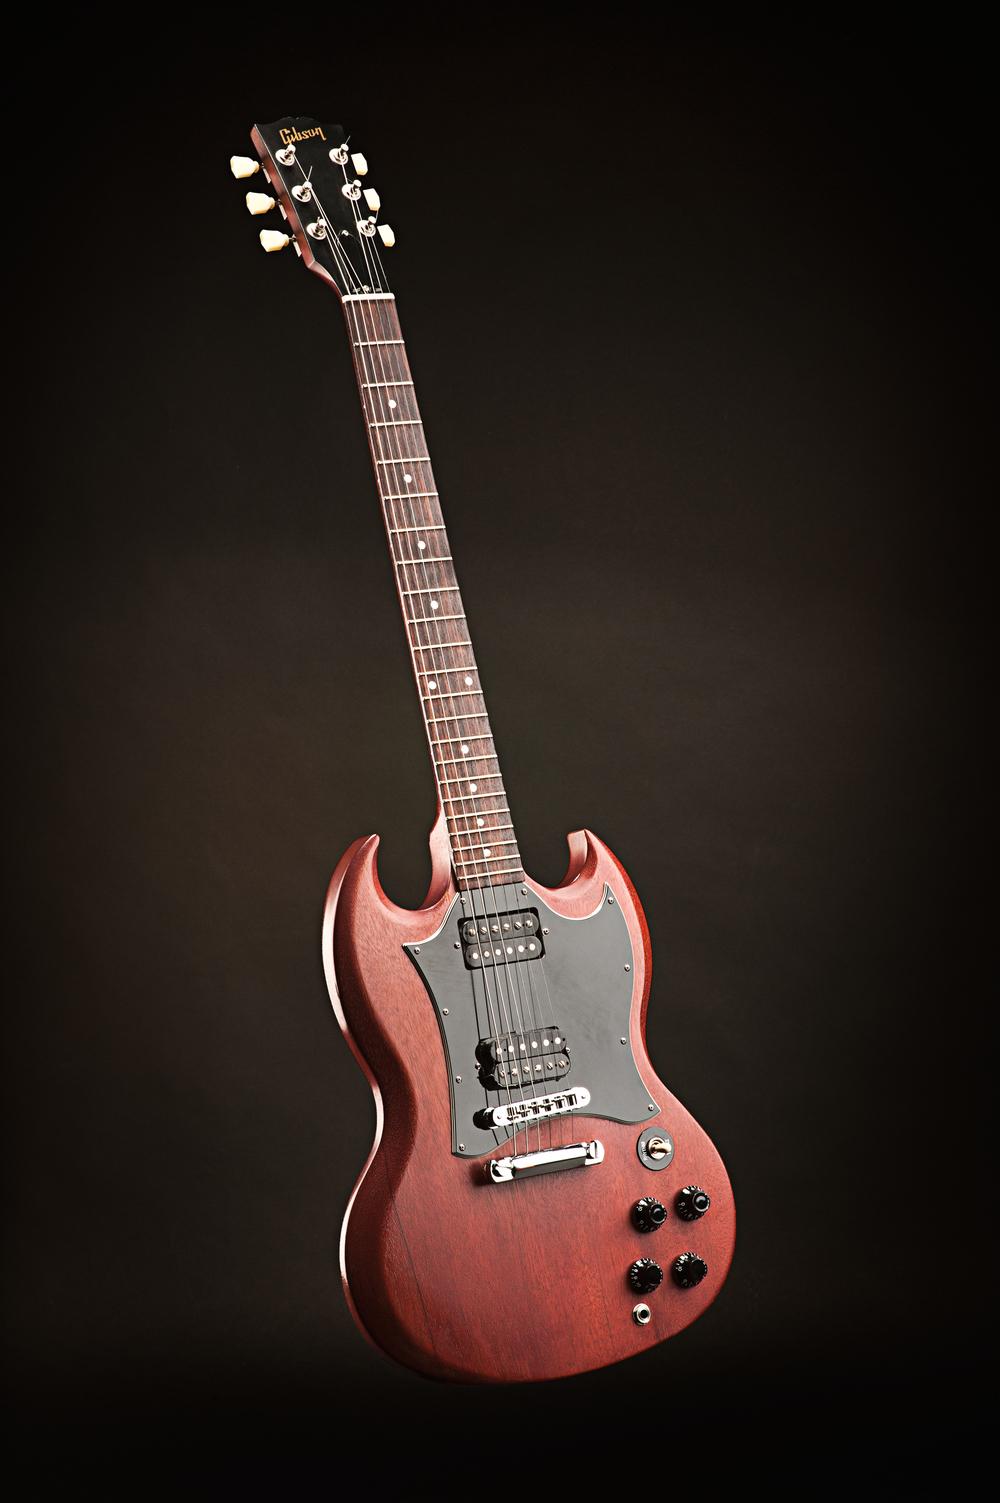 Gibson_SGspecial_fullbody.jpg